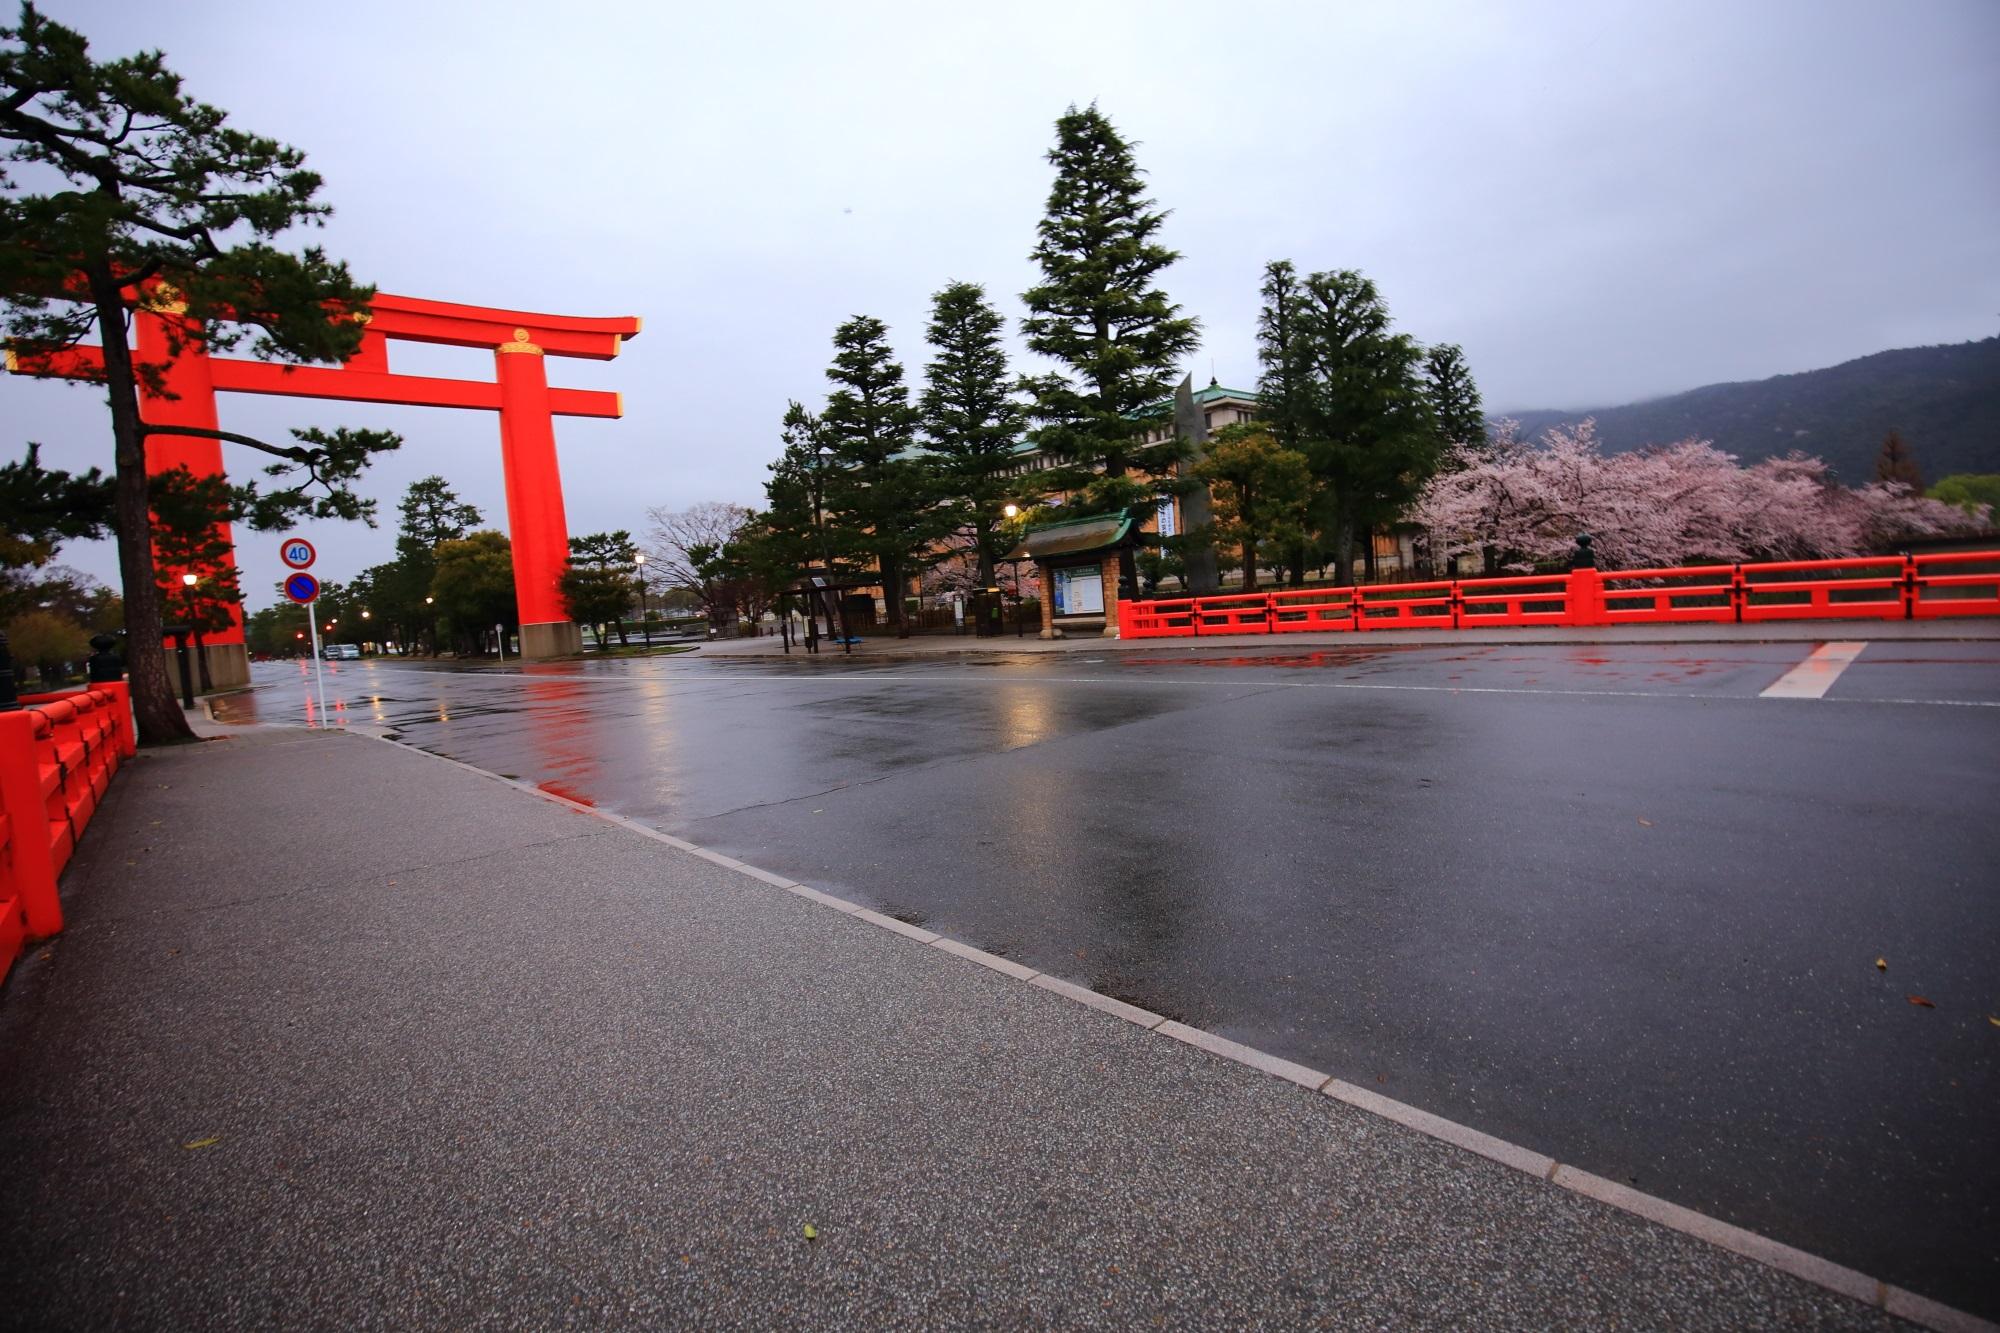 誰もいない満開の桜の岡崎疏水と平安神宮の鳥居